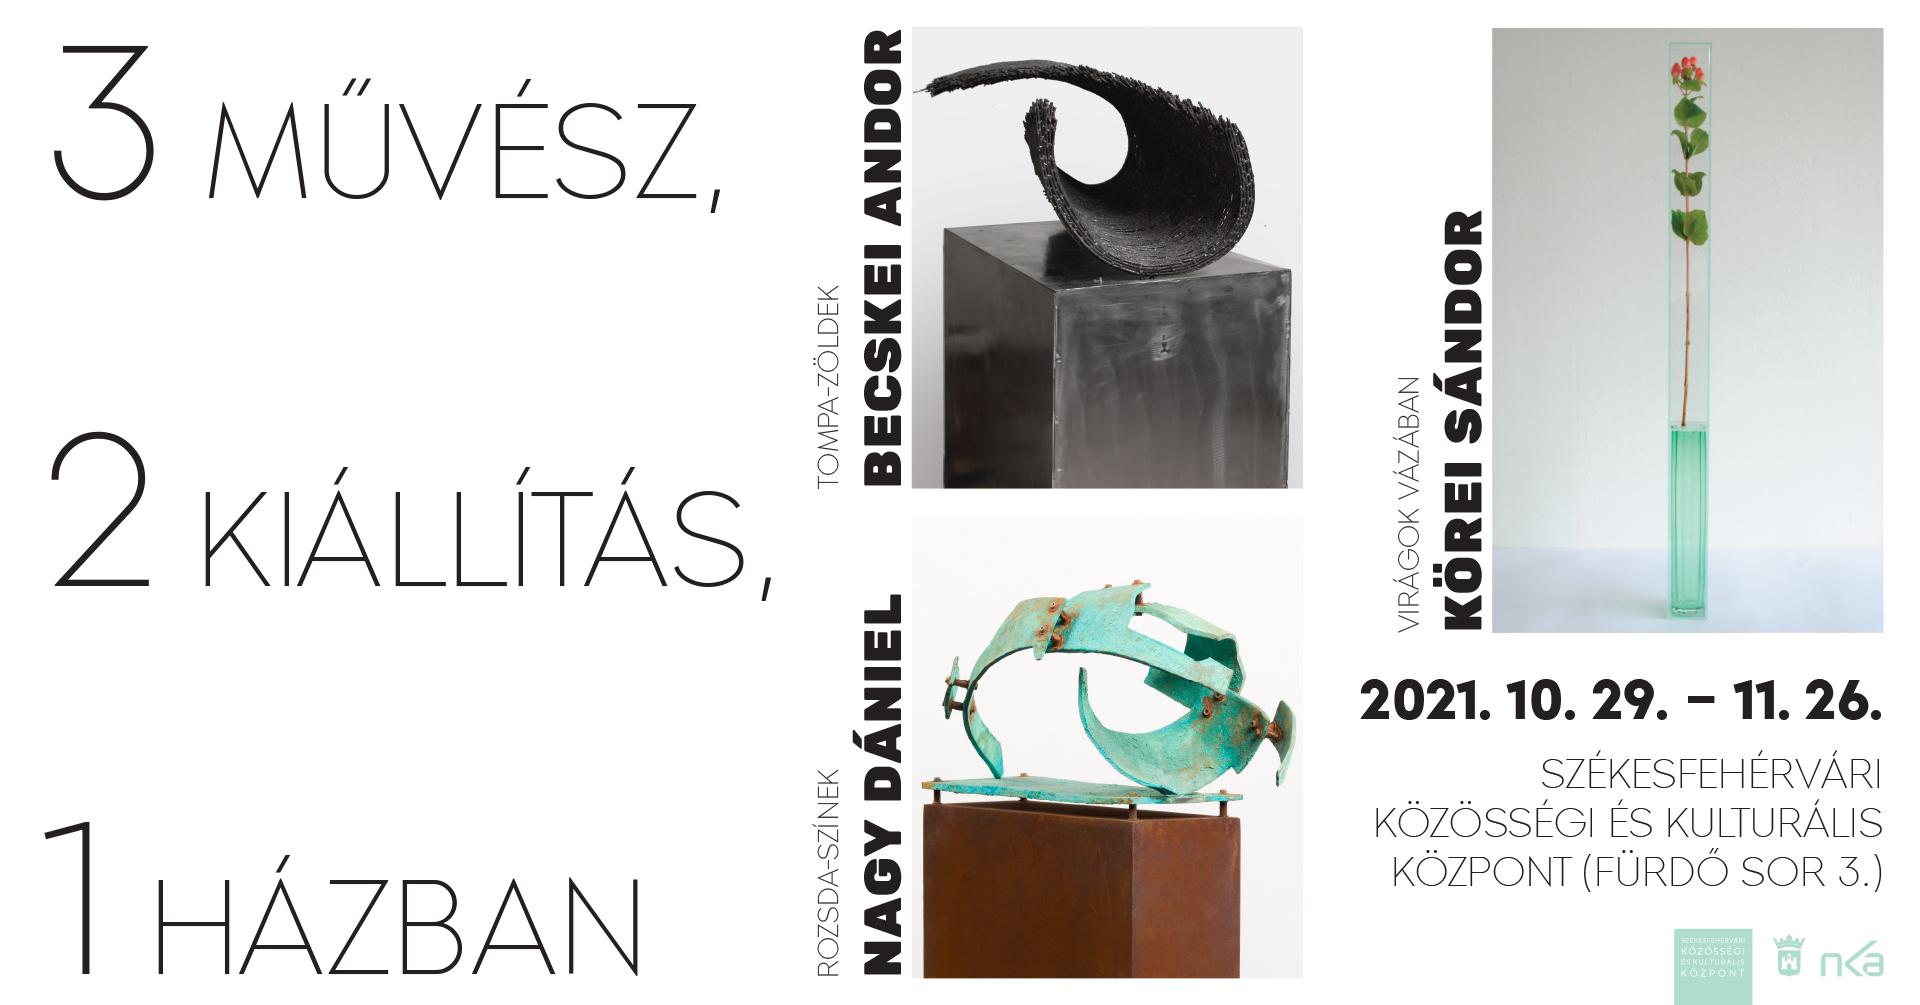 3 művész, 2 kiállítás, 1 házban @ Székesfehérvári Közösségi és Kulturális Központ